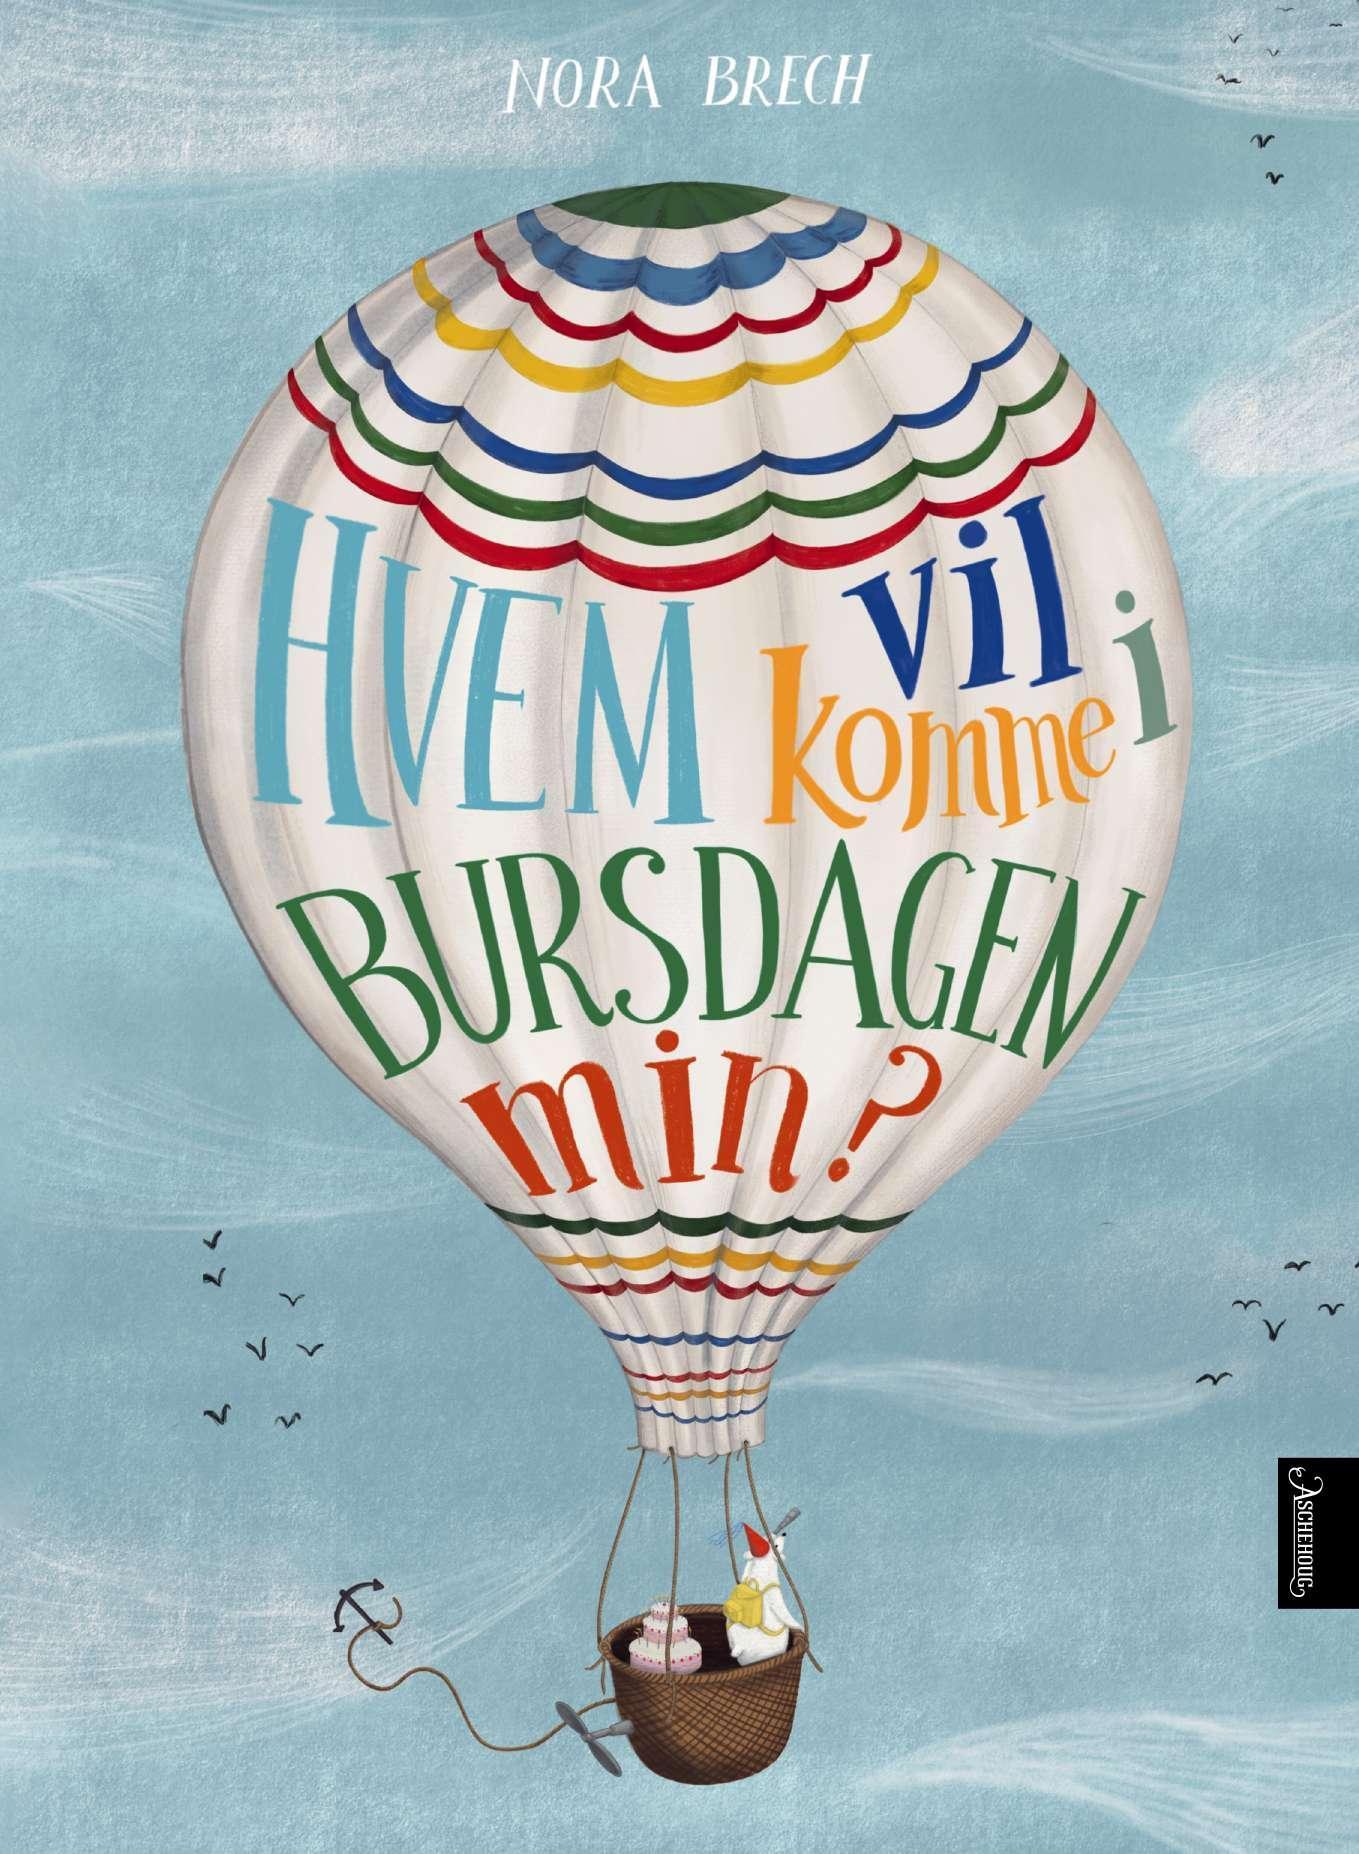 """""""Hvem vil komme i bursdagen min?"""" av Nora Brech"""